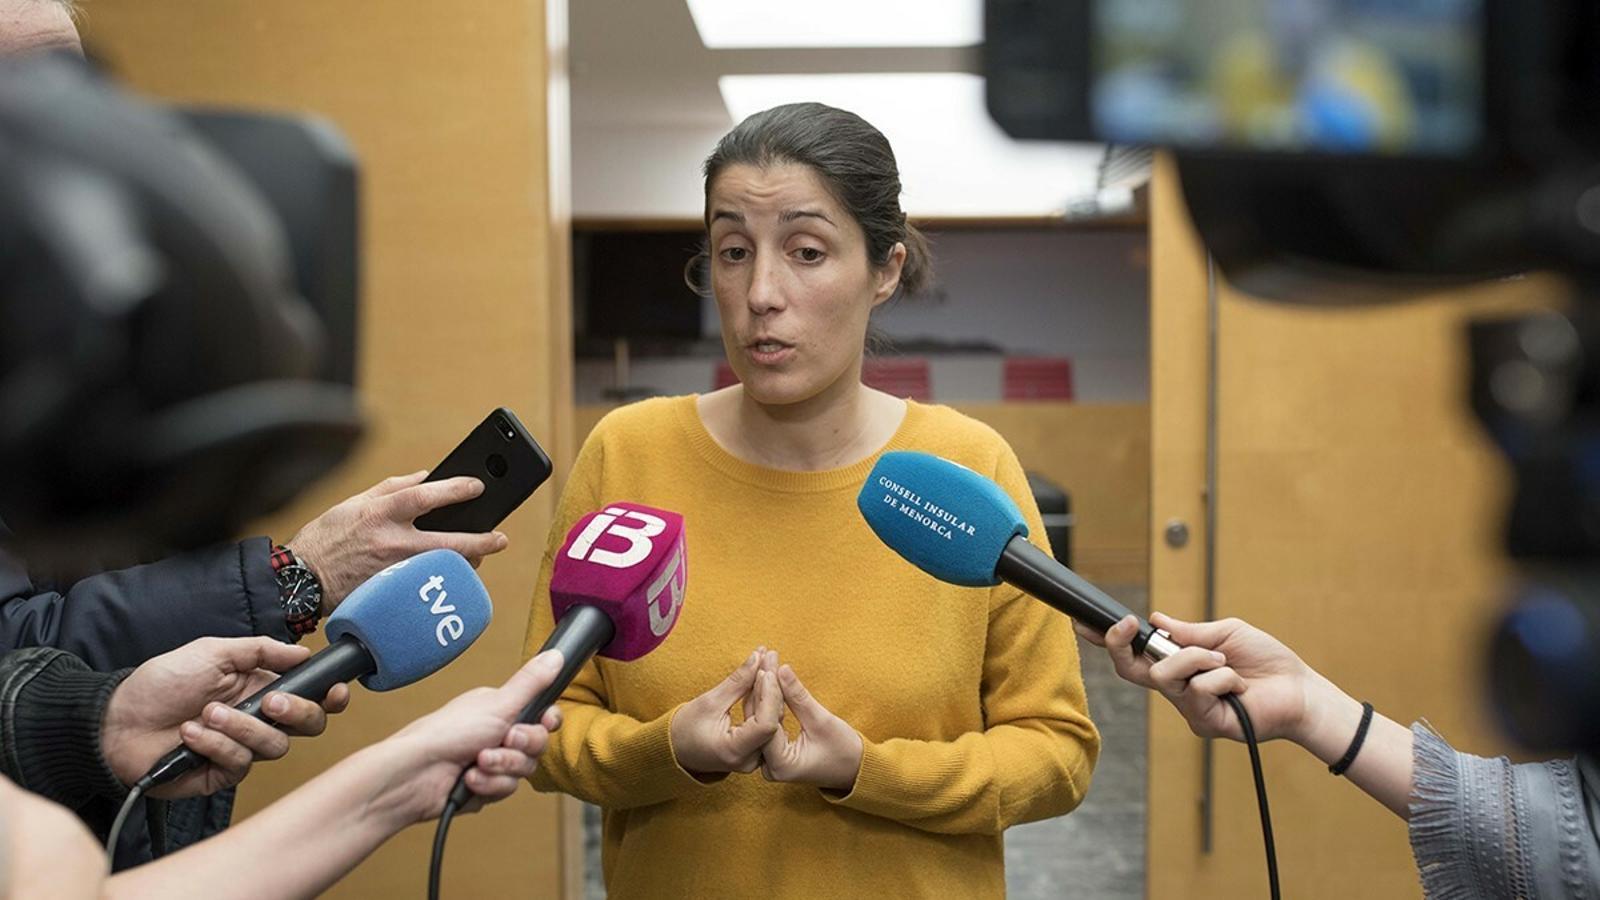 Bàrbara Torrent s'ha vist obligada a sortir a reconèixer que entre les víctimes de la trama de corrupció de menors hi havia adolescents tutelades pel Consell.